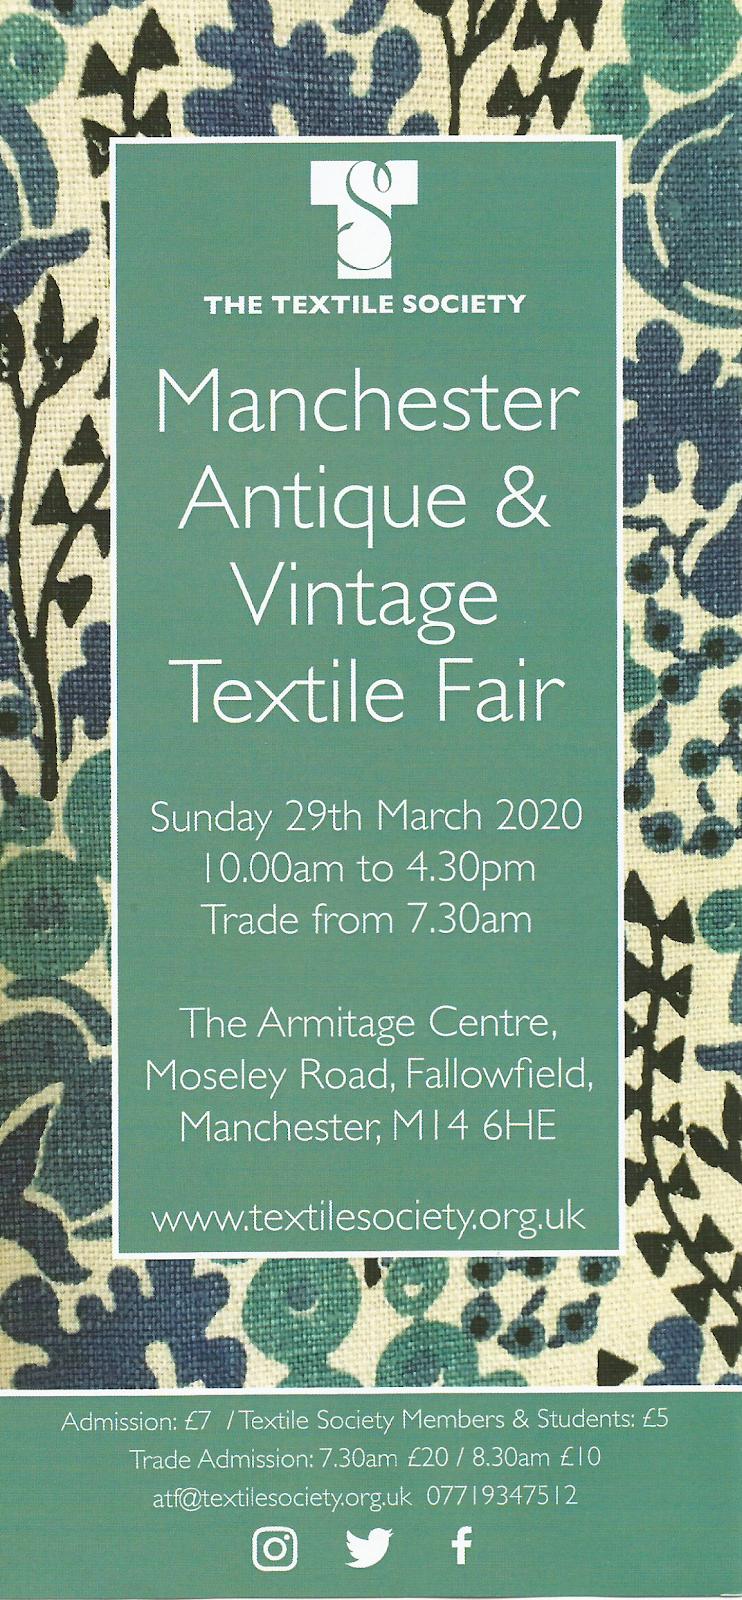 Manchester Antique and Vintage Textile Fair